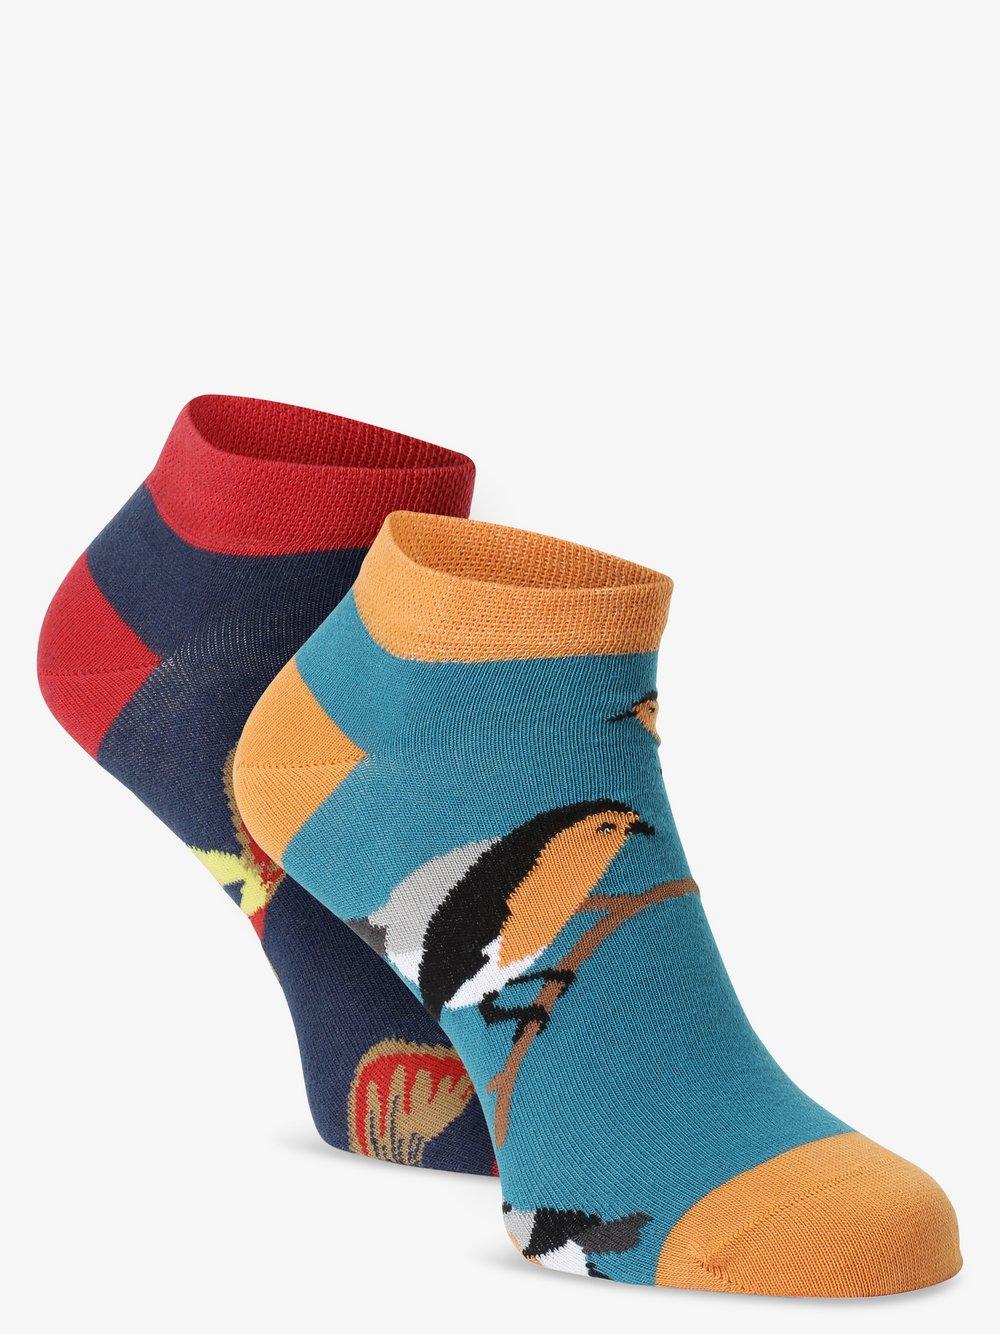 Unabux – Skarpety do obuwia sportowego pakowane po 2 szt., niebieski Van Graaf 482126-0001-04146